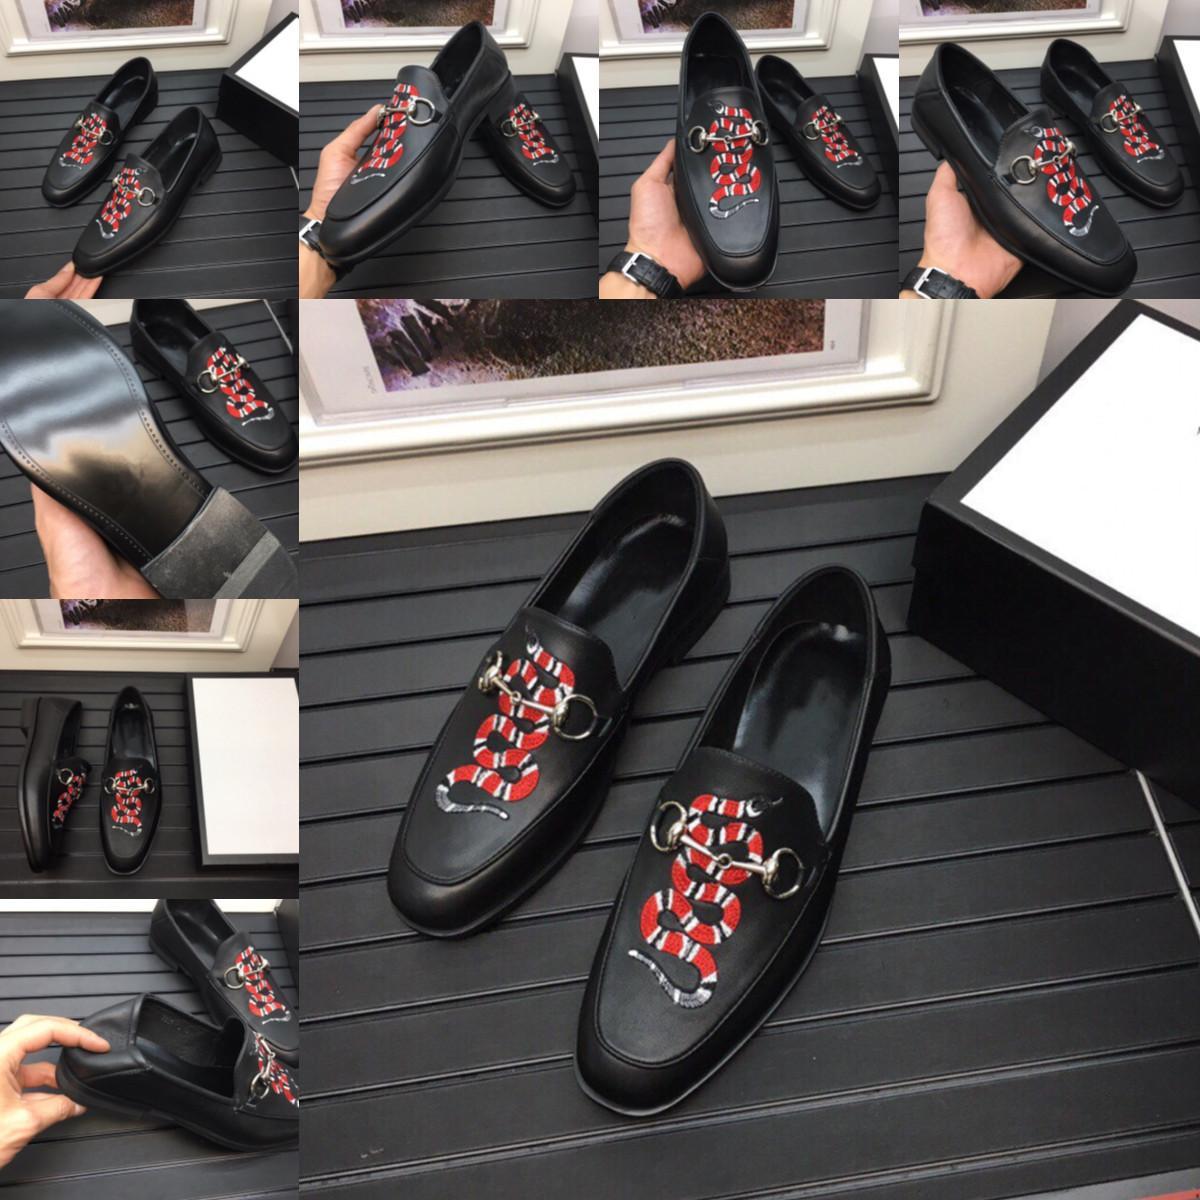 Marca de lujo zapatos de los hombres de la mejor calidad Oxfords diseñadores de estilo británico hombres zapatos de vestir de cuero genuino de negocios zapatos formales de negocios hombres apartamentos tamaño 45